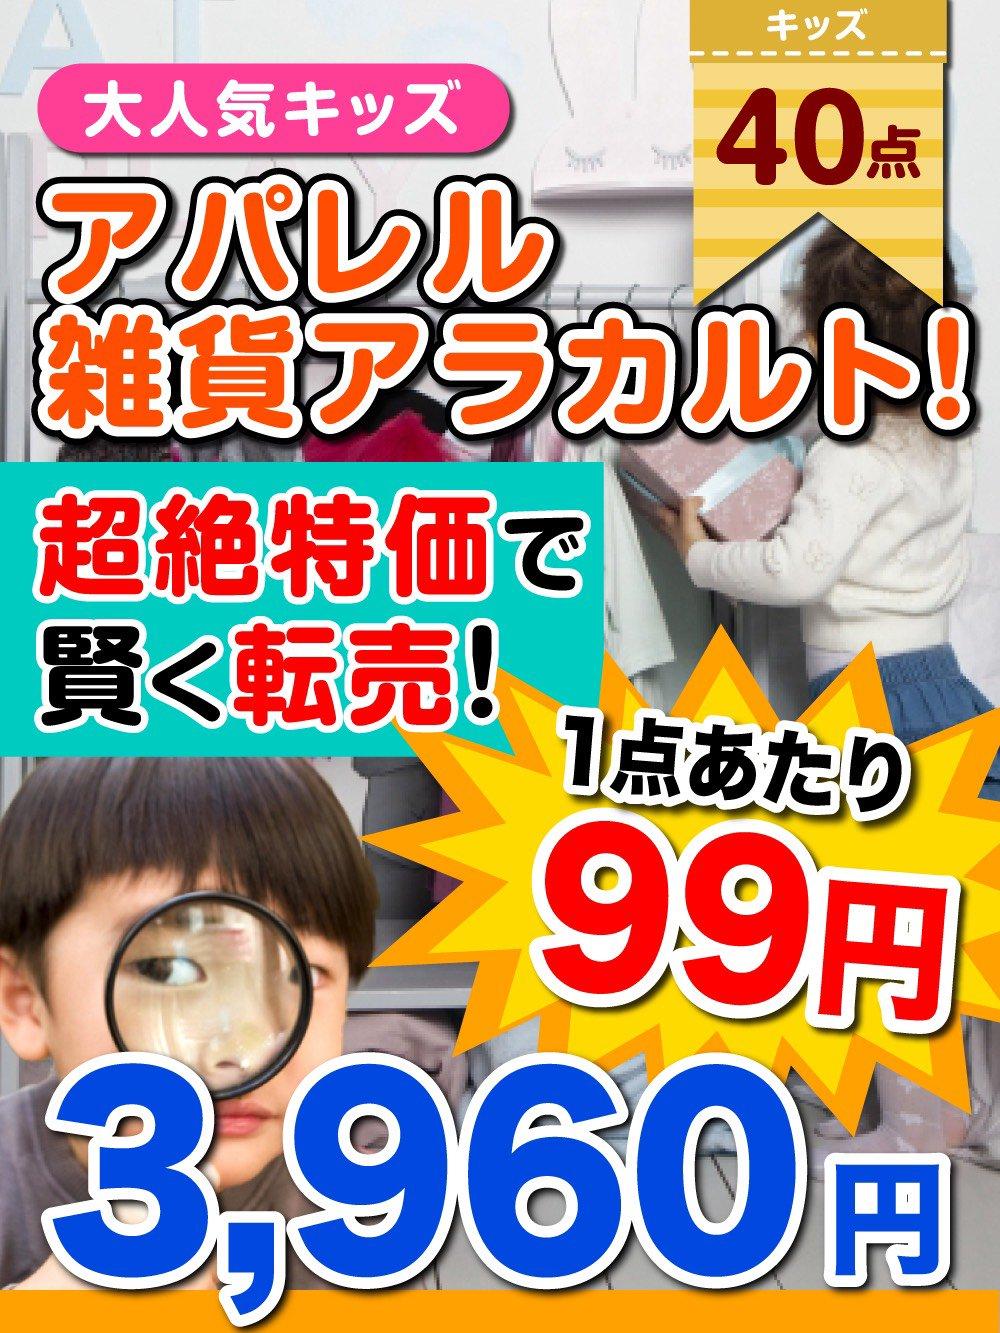 【キッズ】大人気キッズのアパレル・雑貨アラカルト!超絶特価で賢く転売!@99【40点セット】